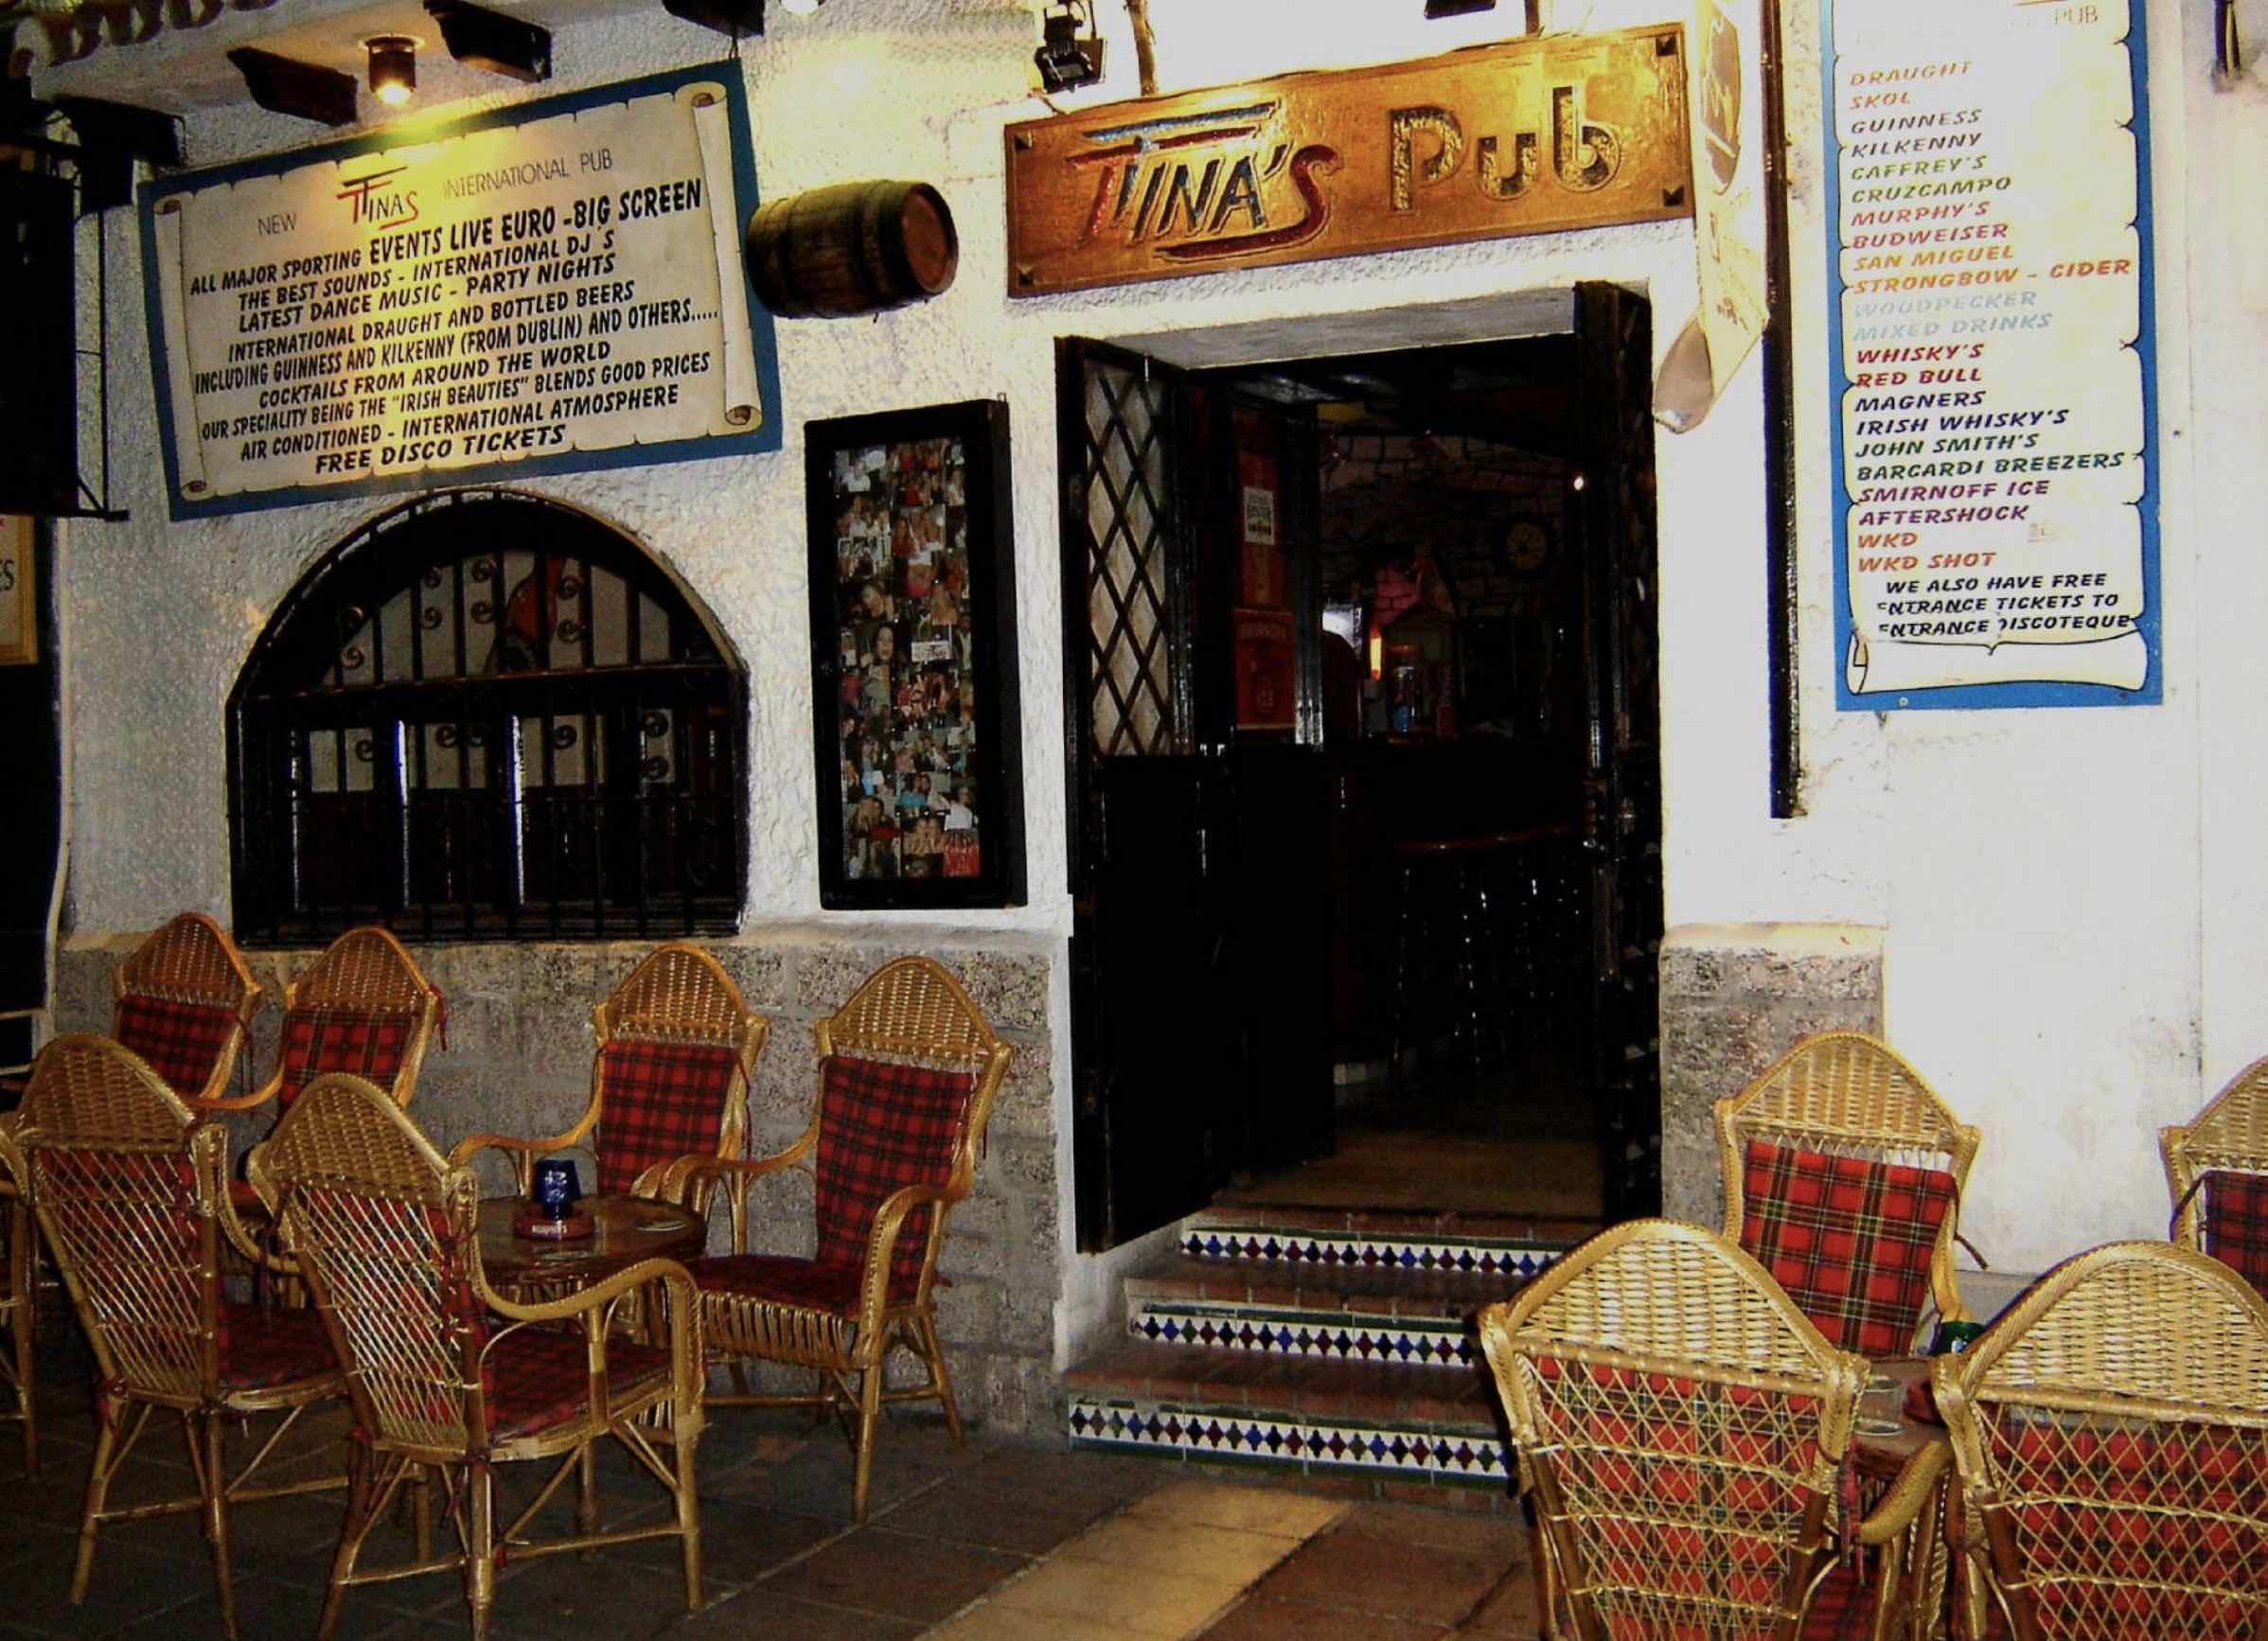 Tina's pub in 2014